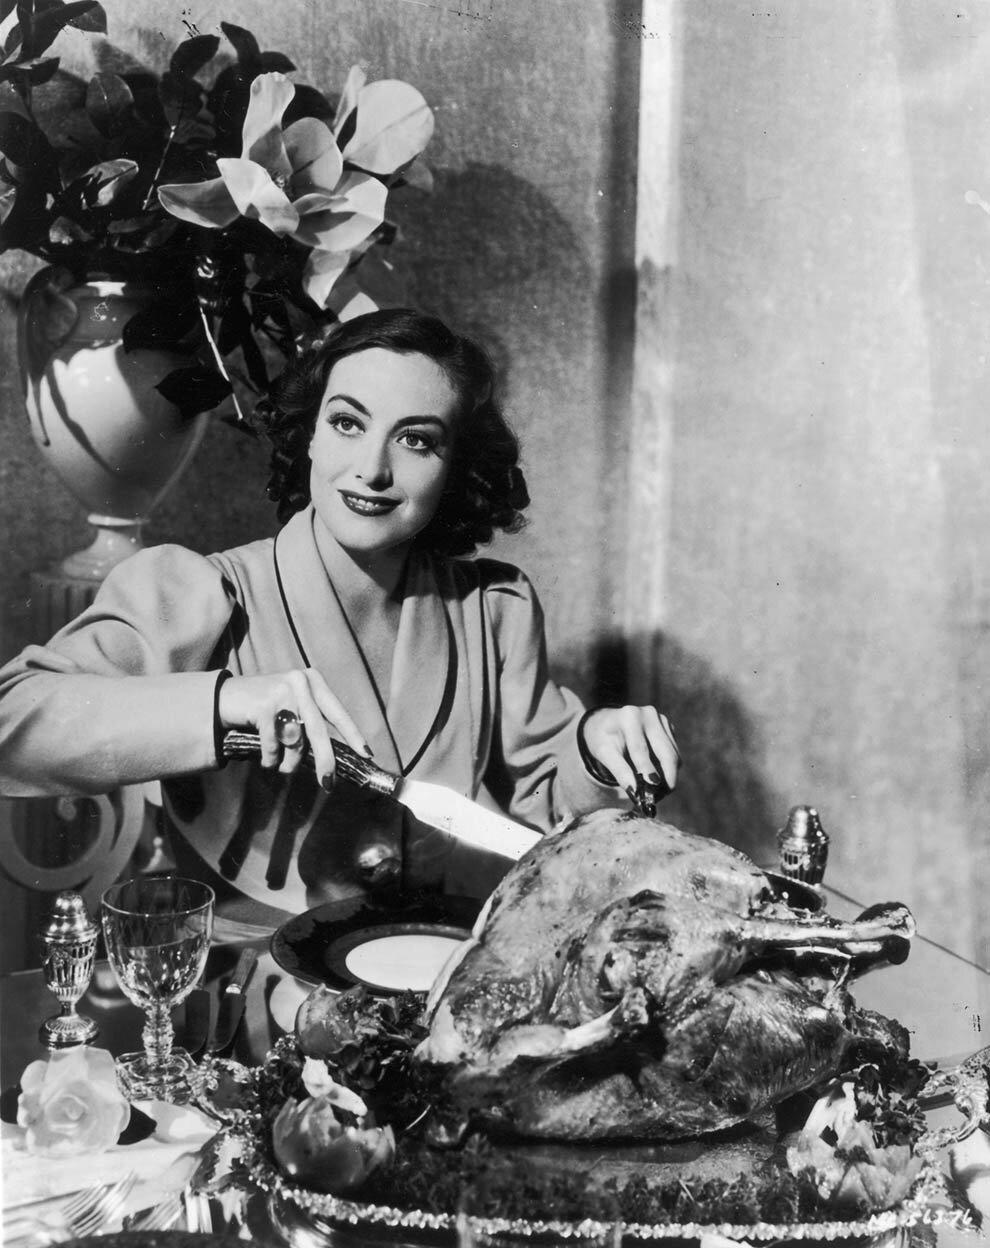 1930. Джоан Кроуфорд режет индейку. Для рекламного снимка